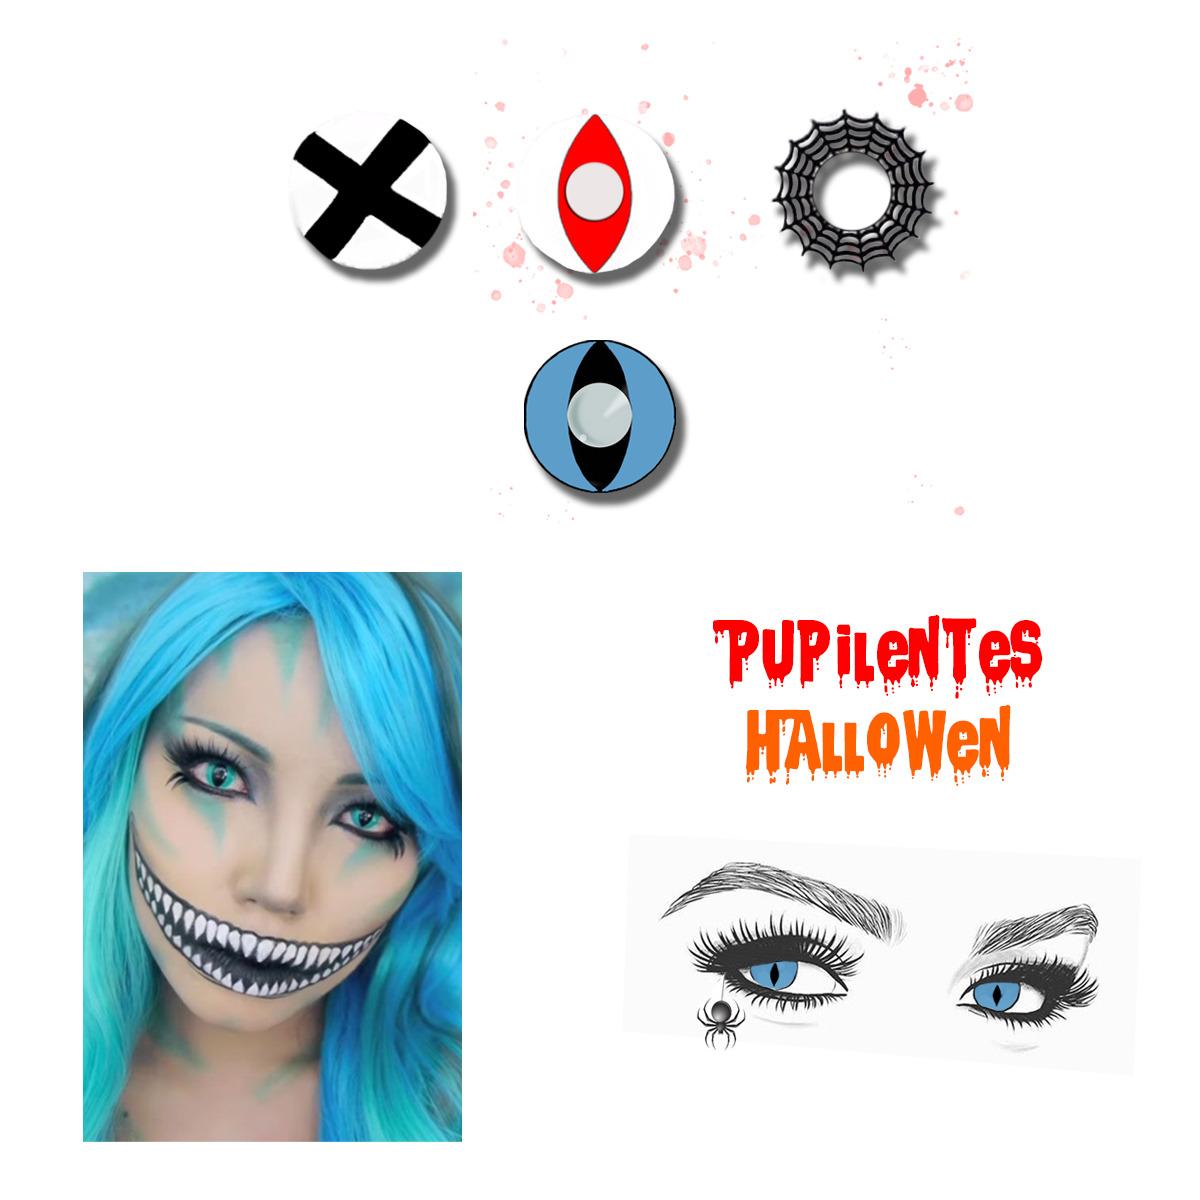 Pupilentes Halloween Personajes De Cosplay